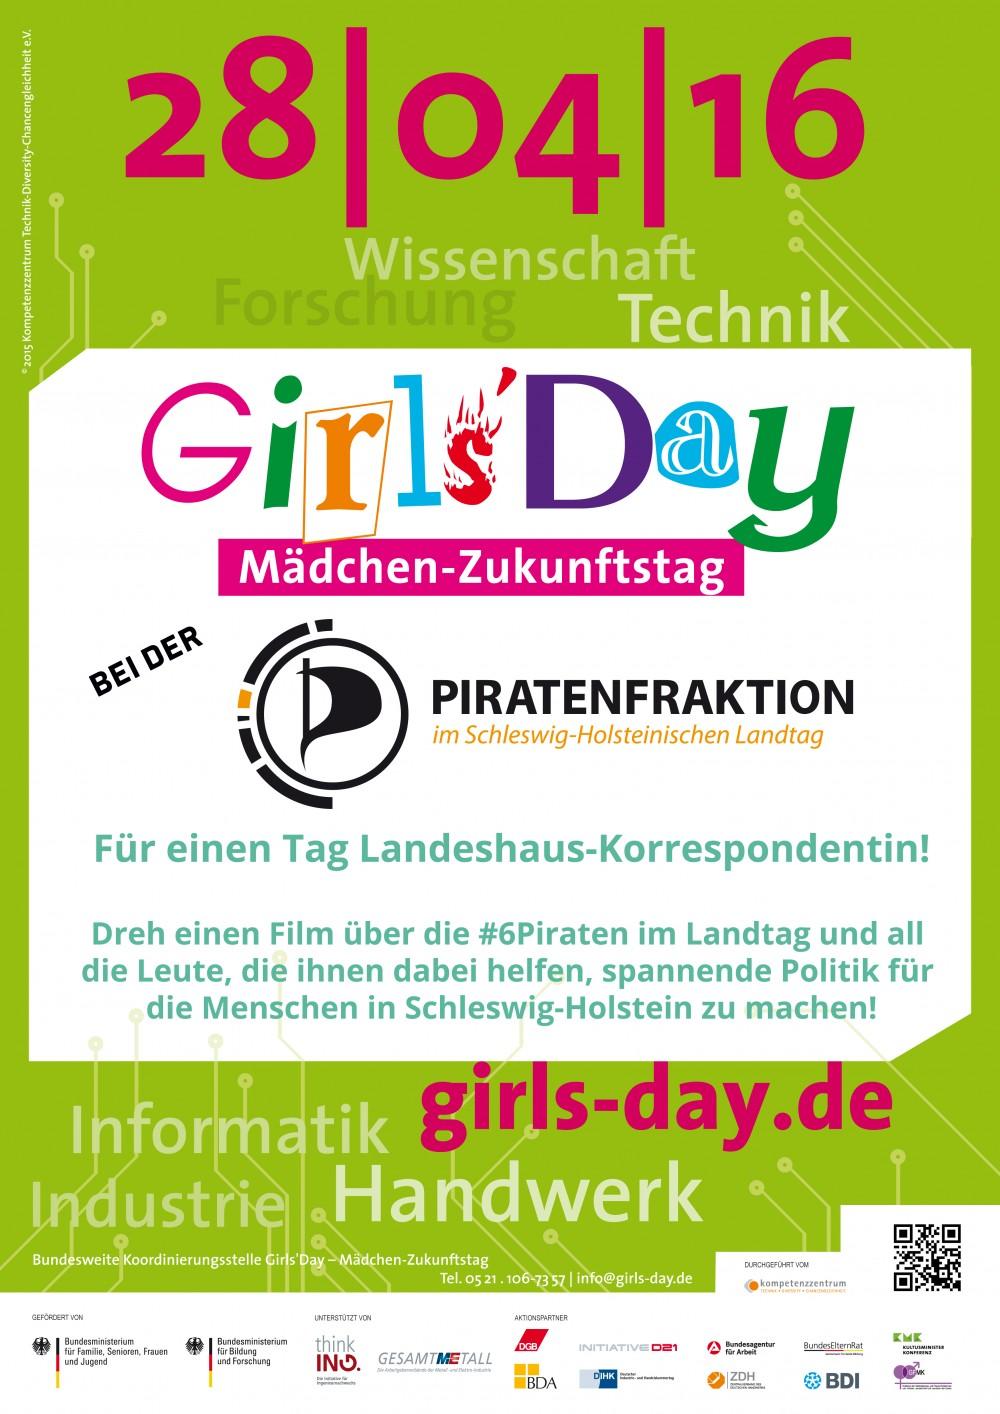 Plakat Girls'Day Ð MŠdchen-Zukunftstag 28|04|16